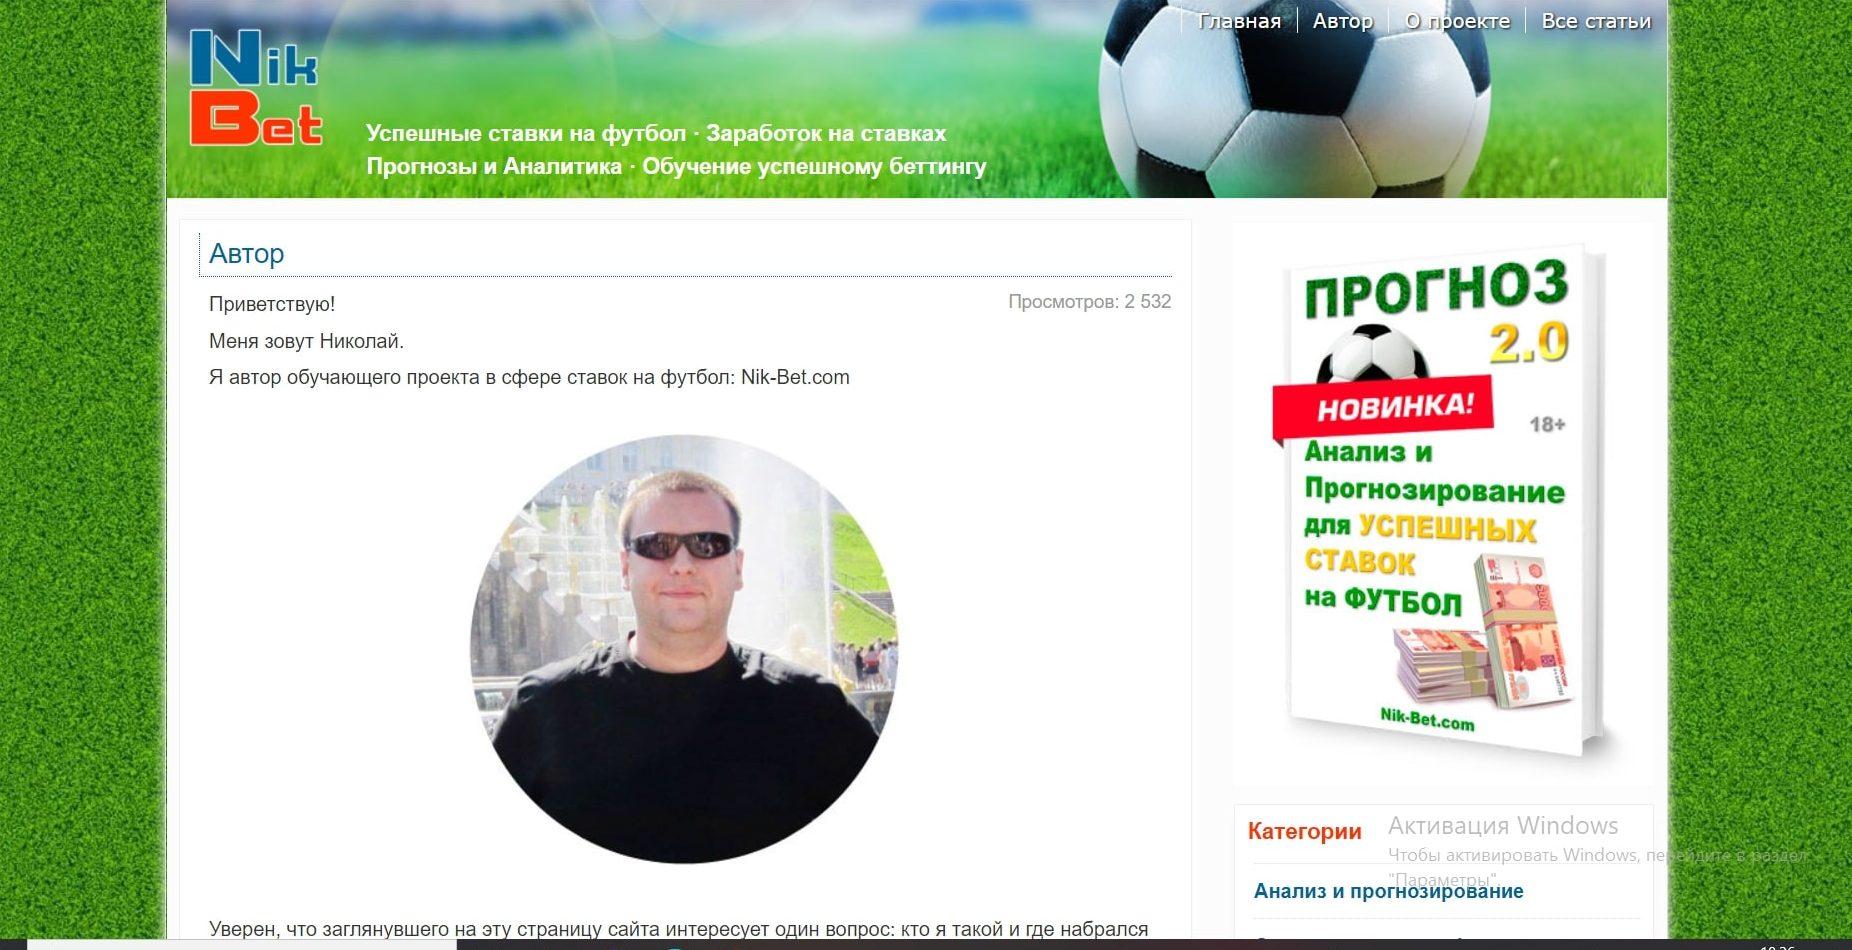 Автор проекта Ник-бет.ком